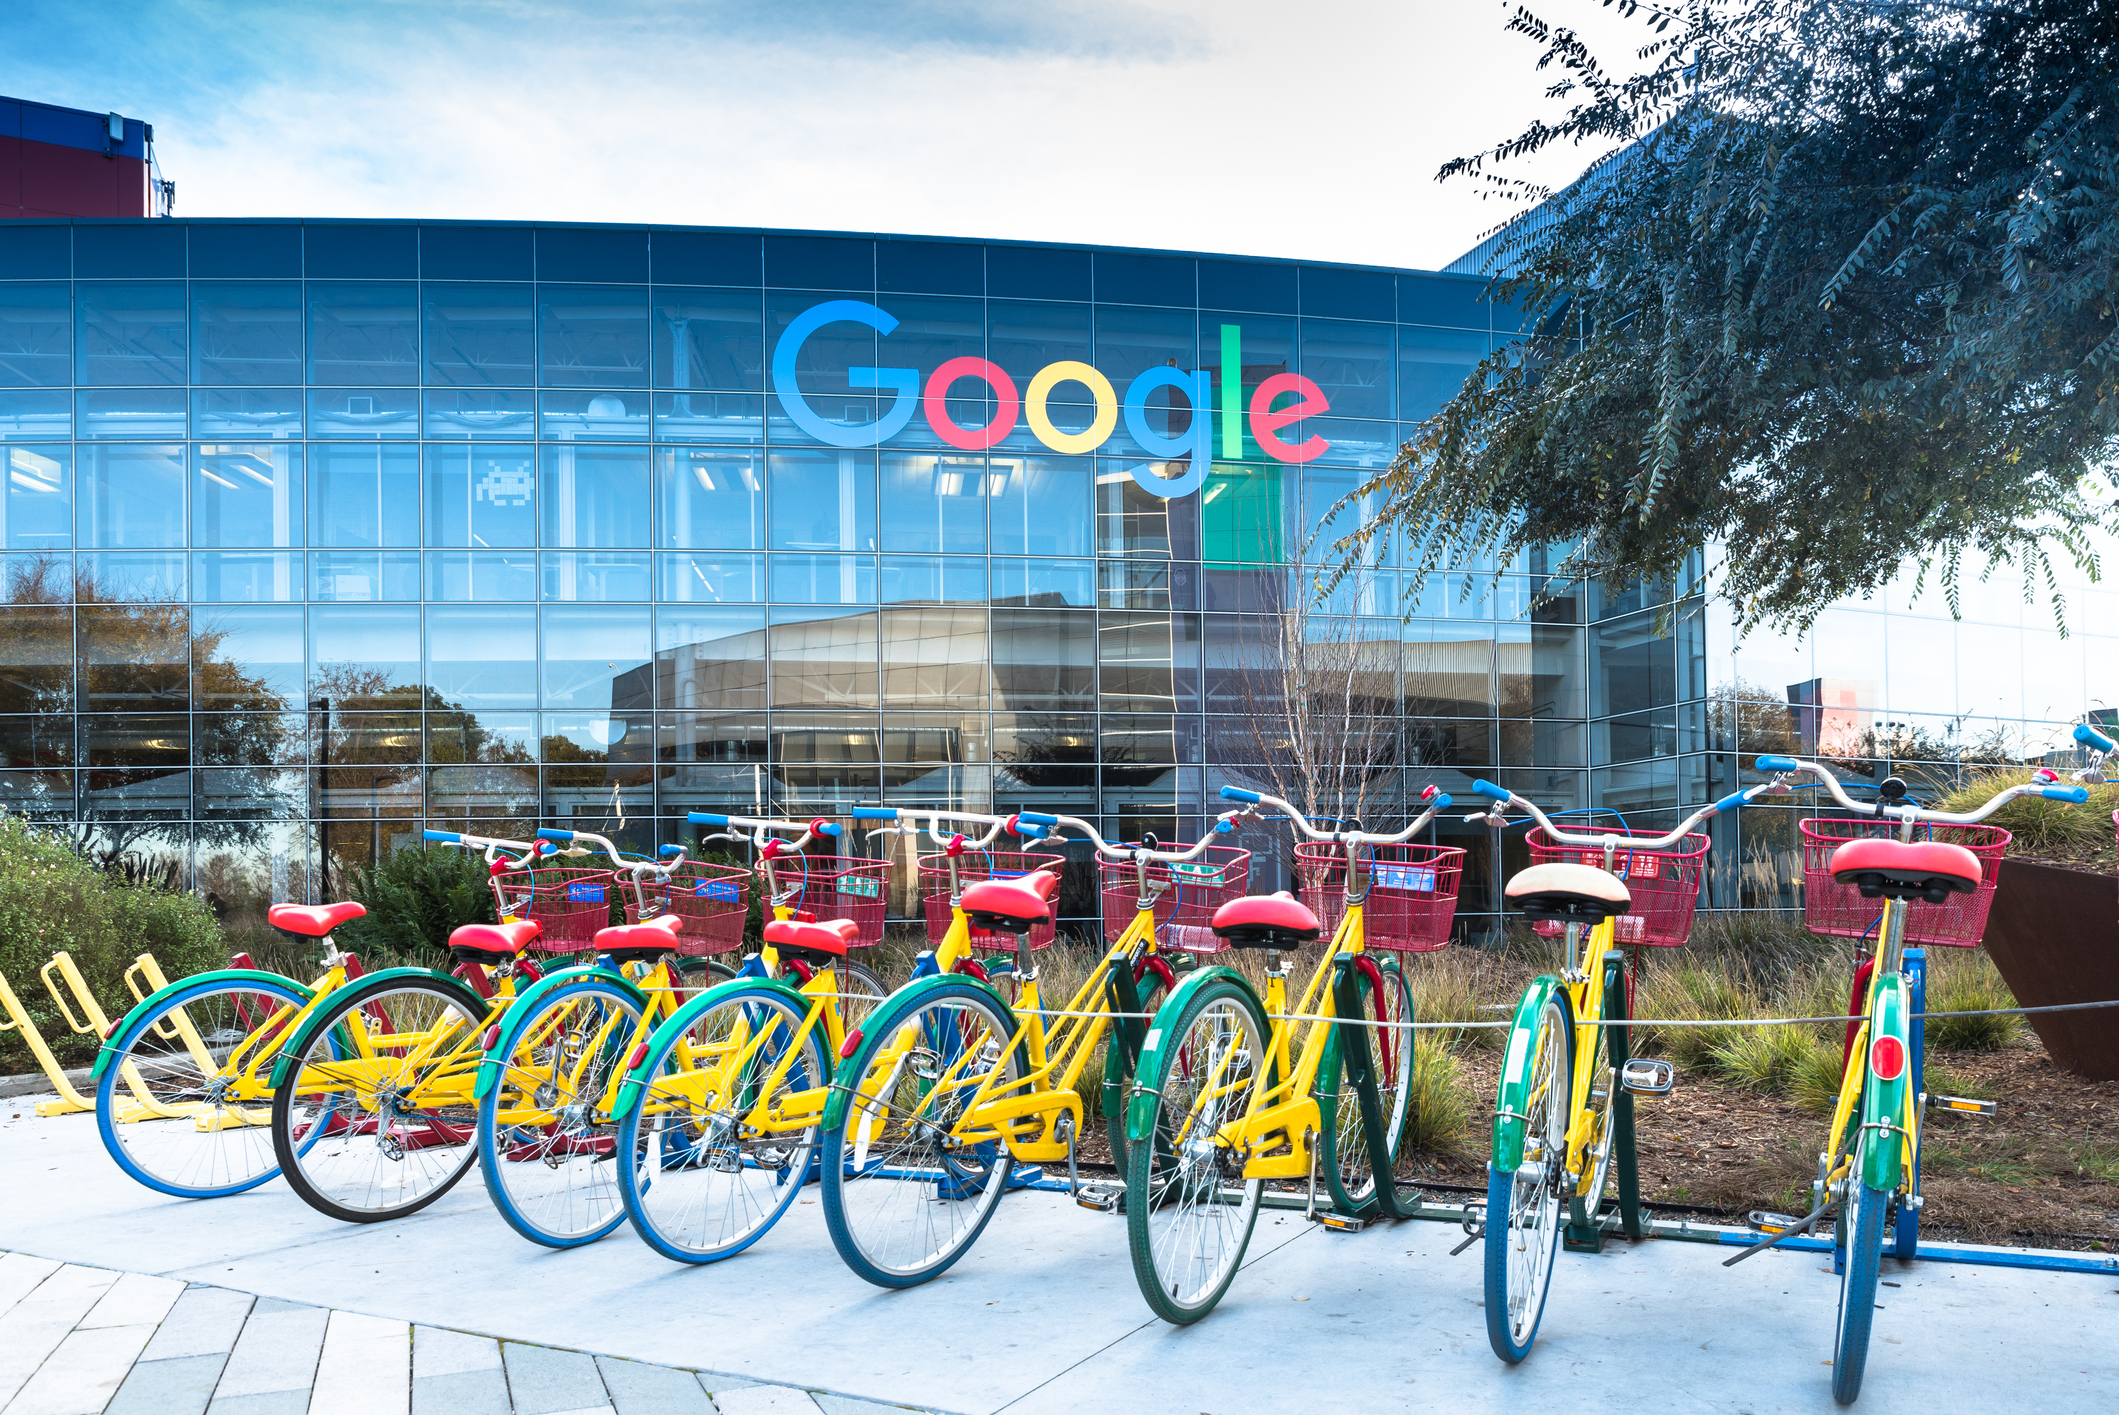 google headquarters in india